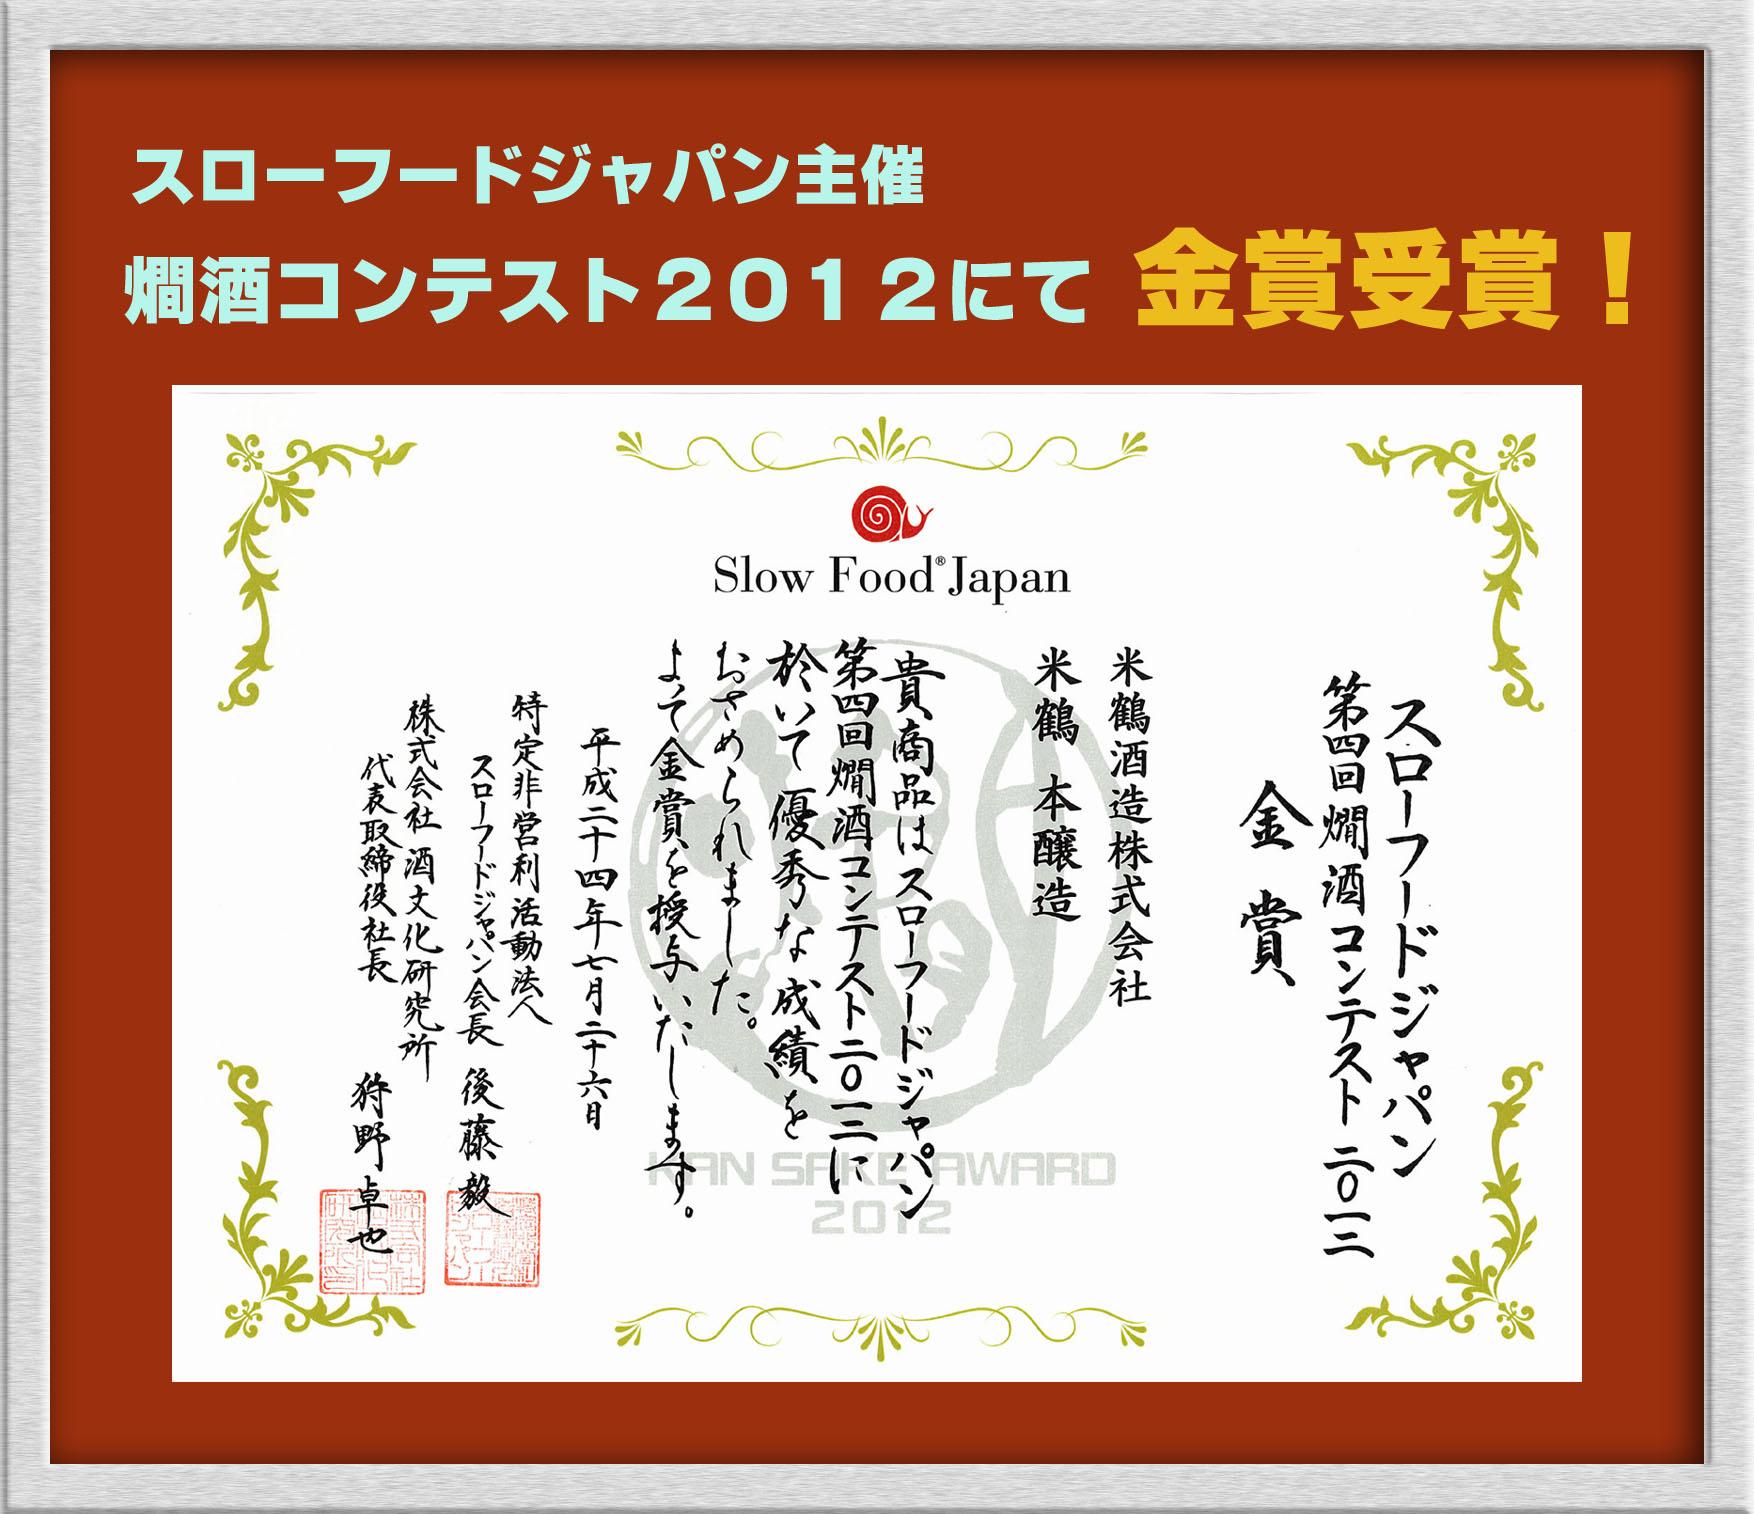 【受賞報告】米鶴 本醸造が「燗酒コンテスト2012」で金賞受賞!:画像